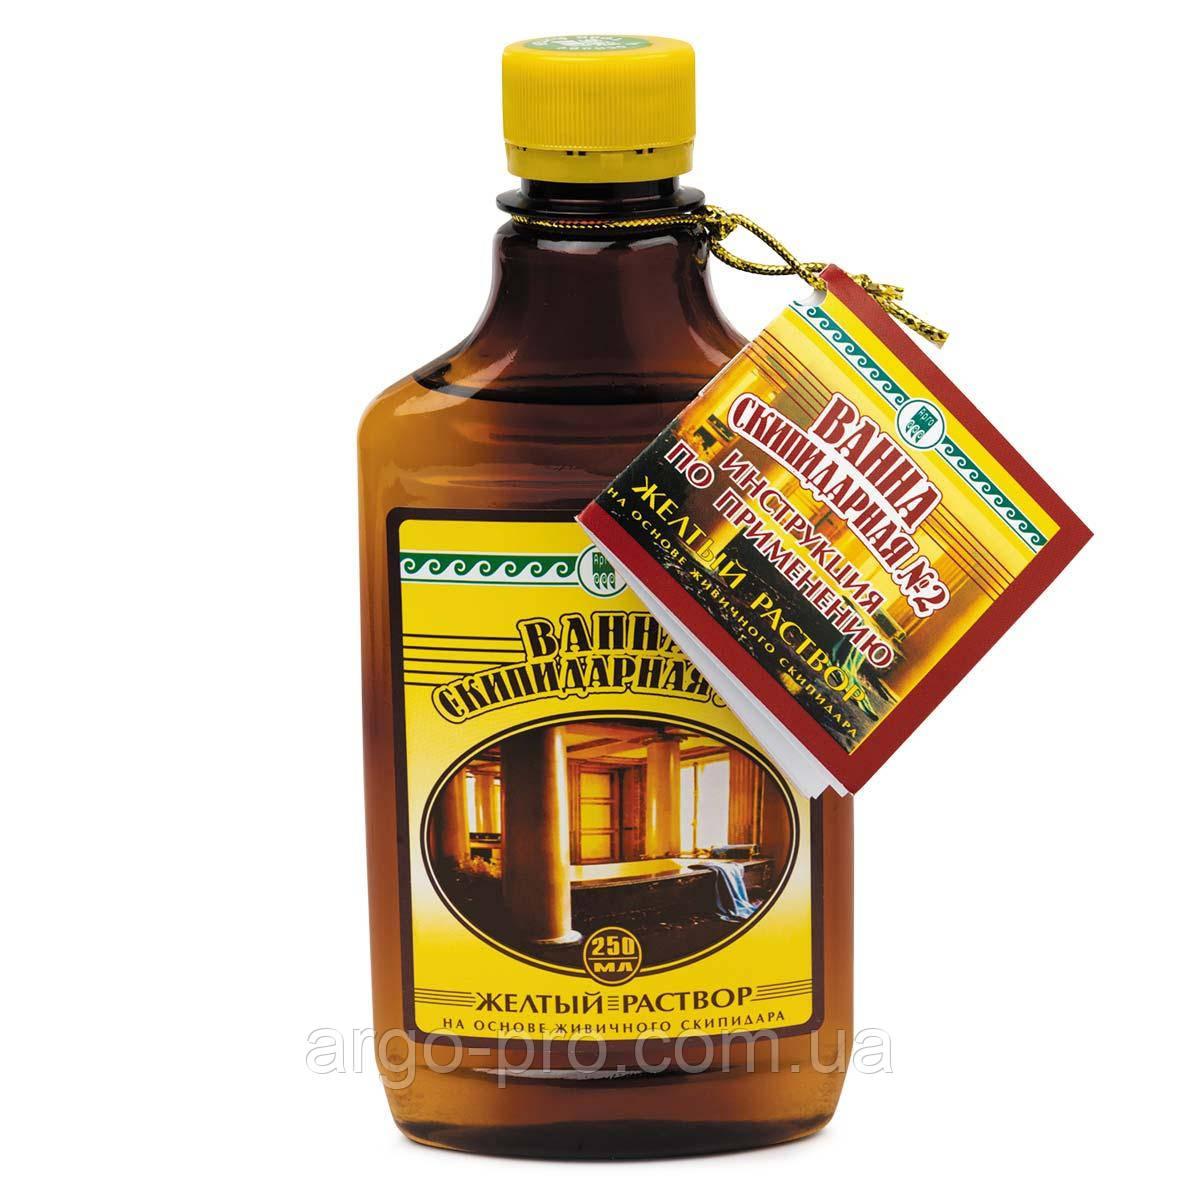 Скипидарная ванна Залманова №2 Желтая Арго (остеохондроз, подагра, артрит, артроз, давление, ишемия, грыжи)